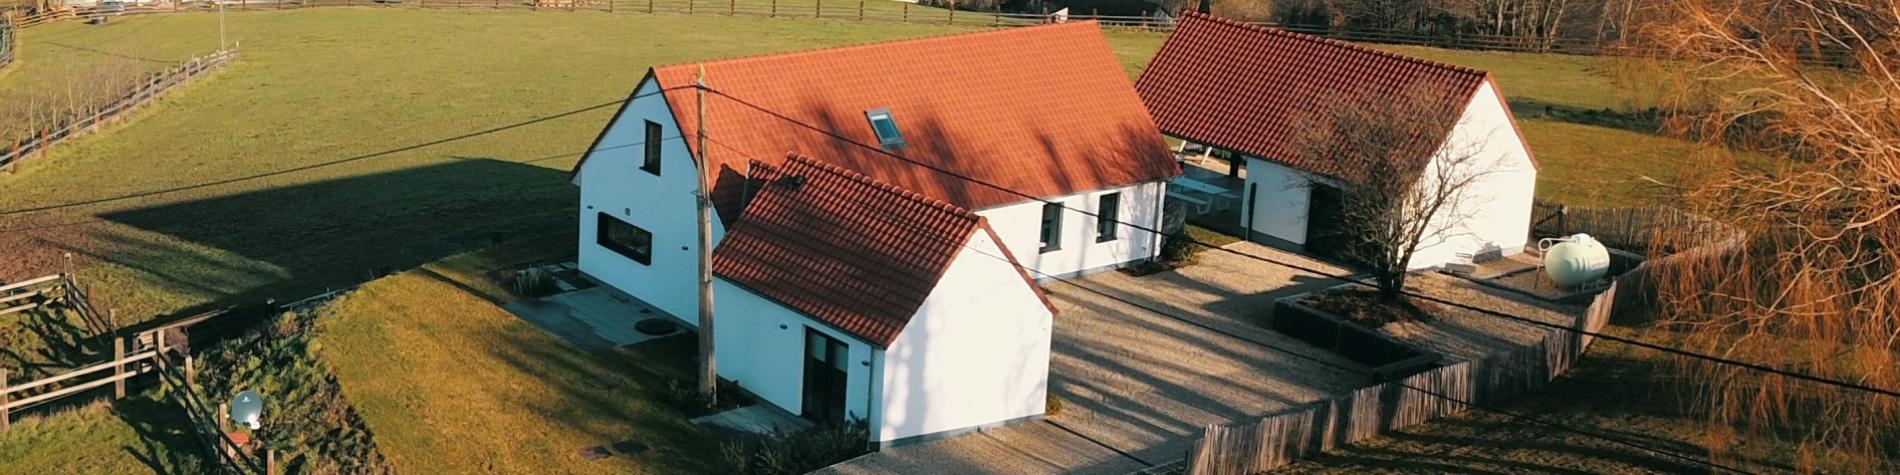 Gîte rural - Villa Les Hauts - Frasnes-lez-Anvaing